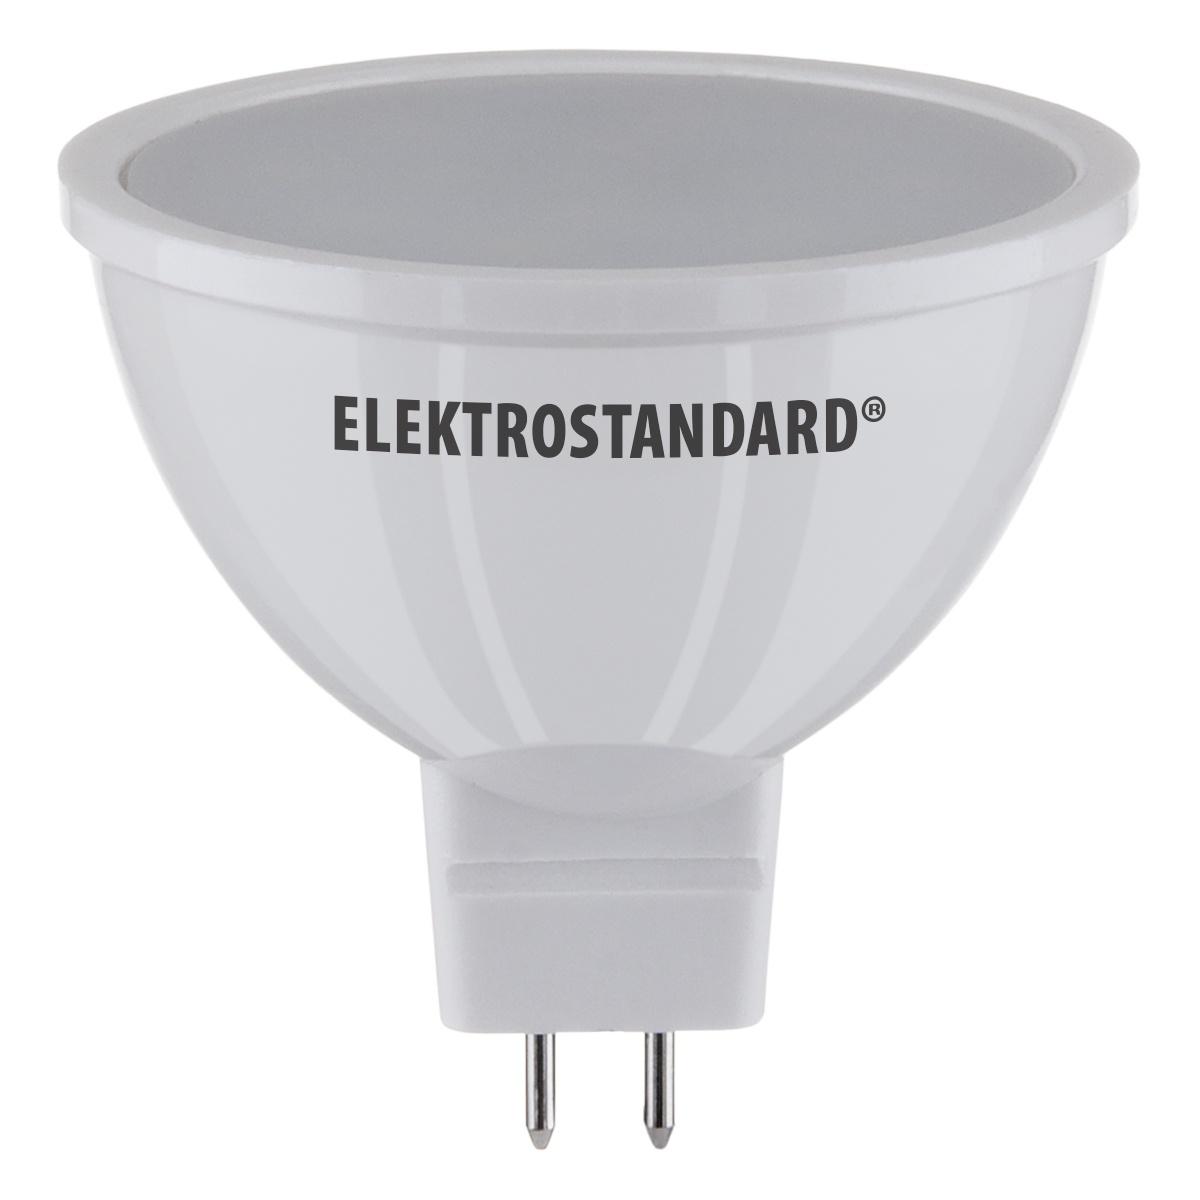 Лампочка Elektrostandard светодиодная JCDR01 7W 220V 3300K, Теплый свет 7 Вт, Светодиодная светодиодная лампа kosmos теплый свет цоколь e27 7w 220v lksm led7wr63e2730